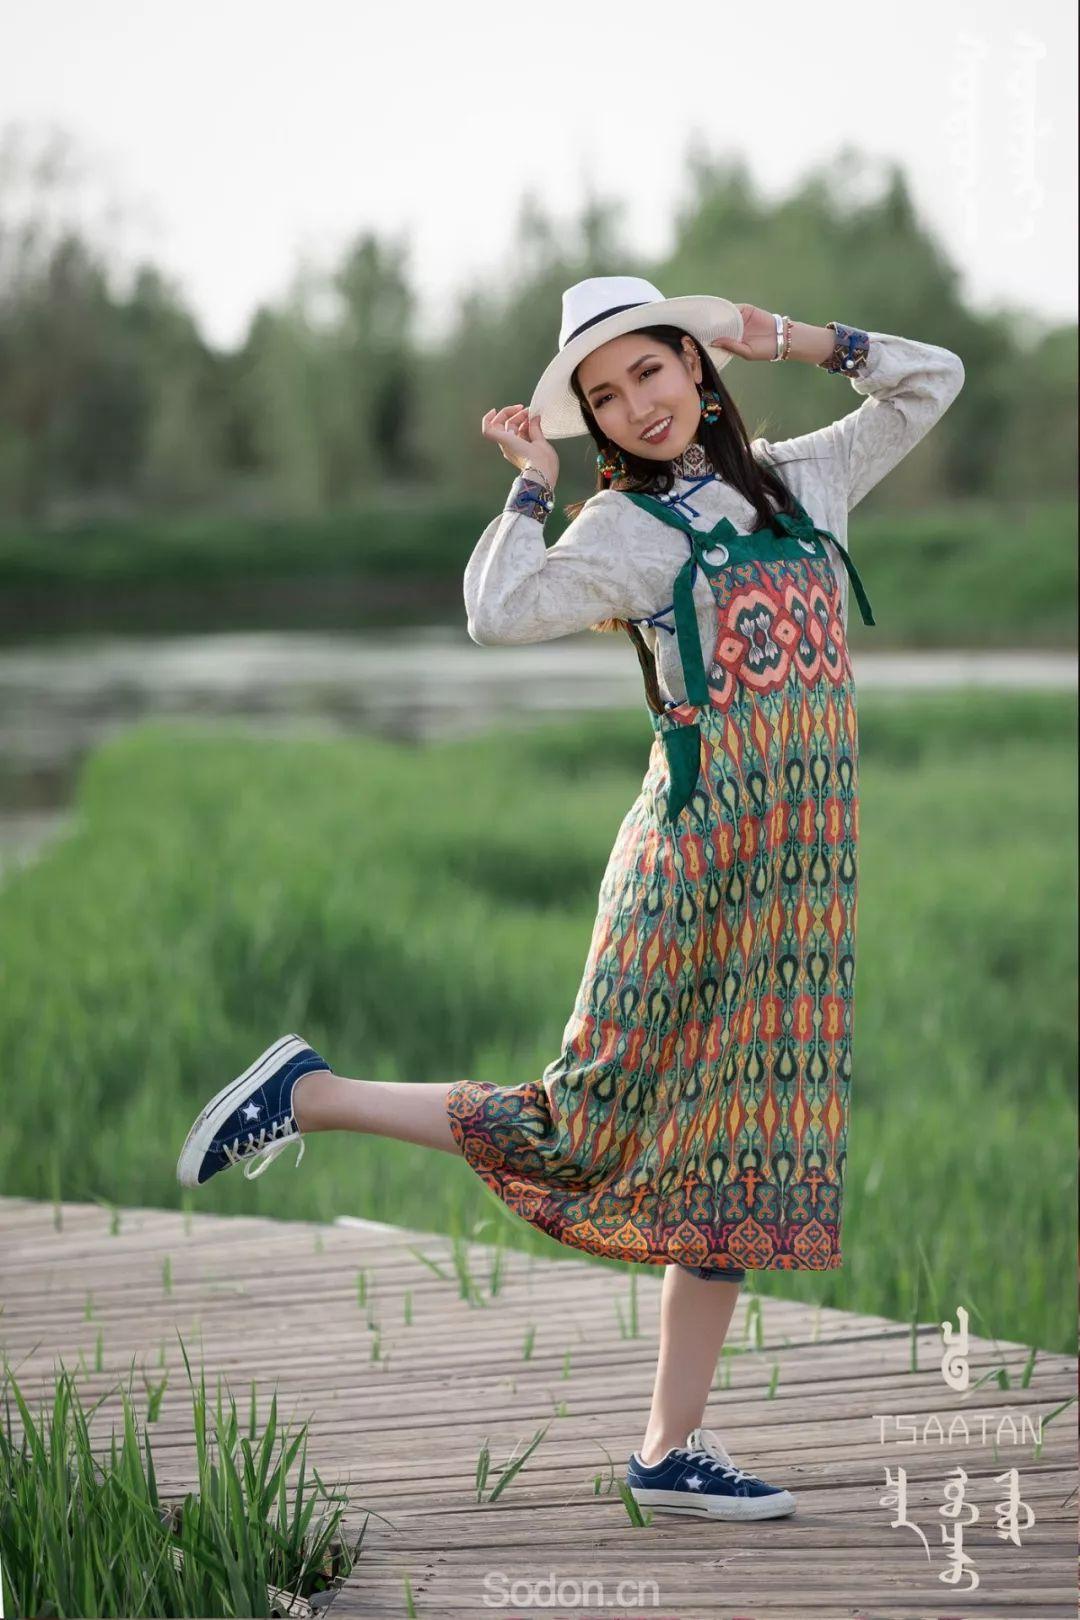 TSAATAN蒙古时装 2019新款,来自驯鹿人的独特魅力! 第77张 TSAATAN蒙古时装 2019新款,来自驯鹿人的独特魅力! 蒙古服饰